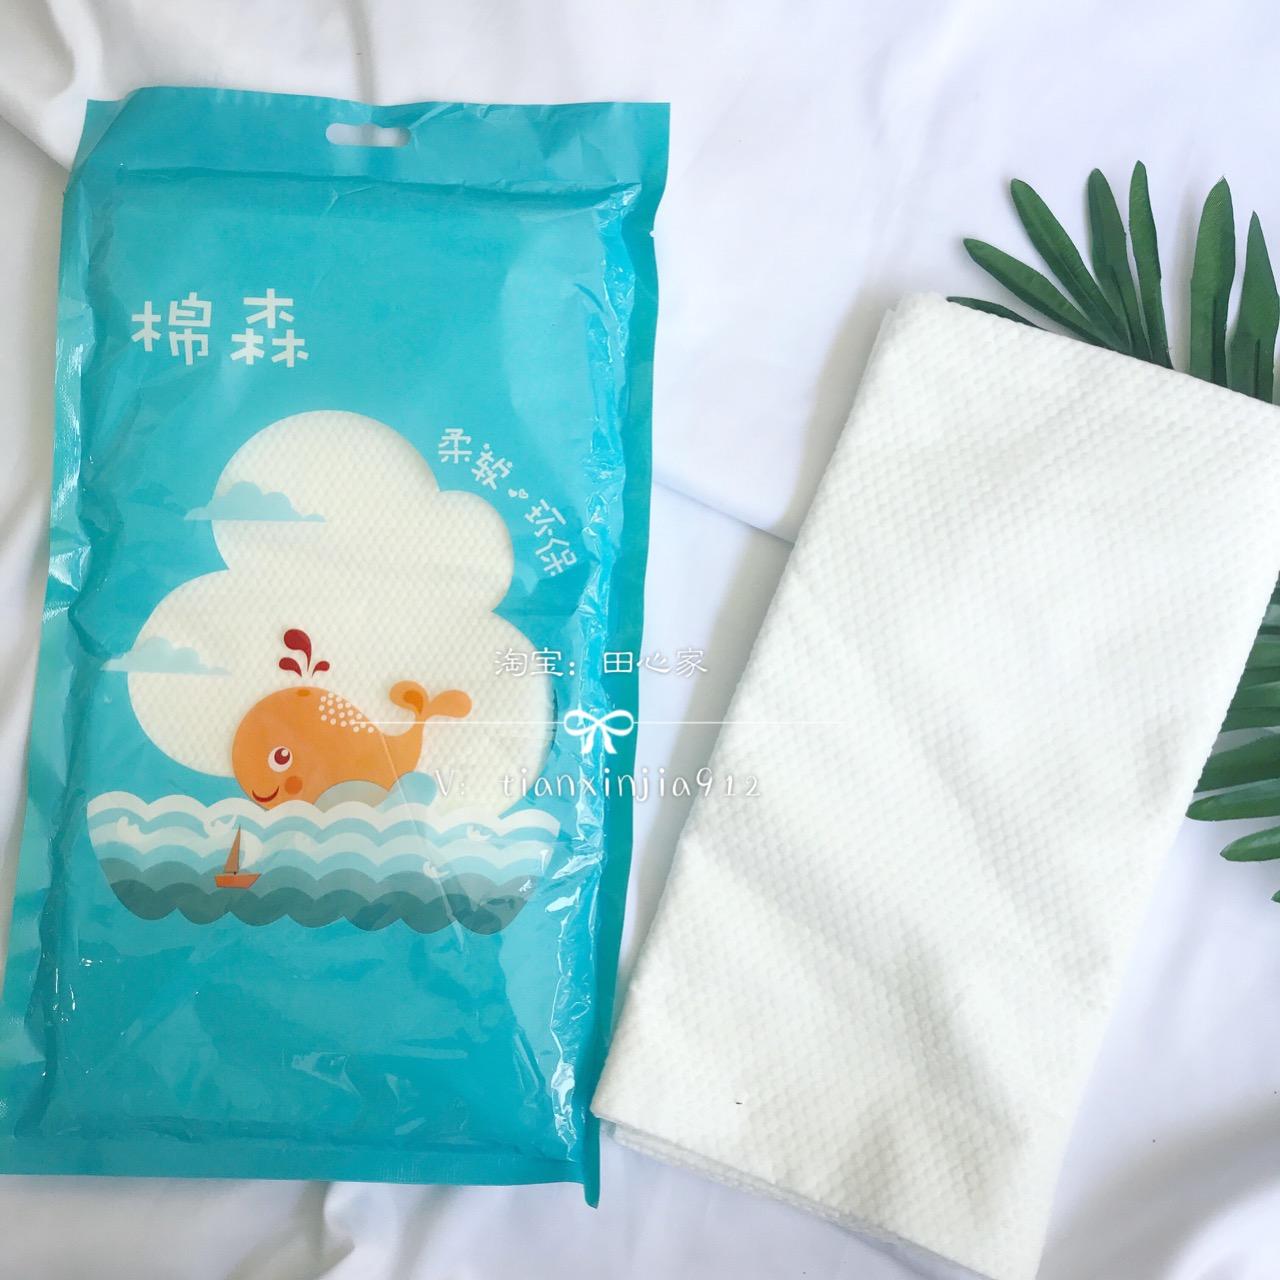 Хлопок лес одноразовые полотенце природный тапок волокно на открытом воздухе путешествие портативный бить 4 статья !